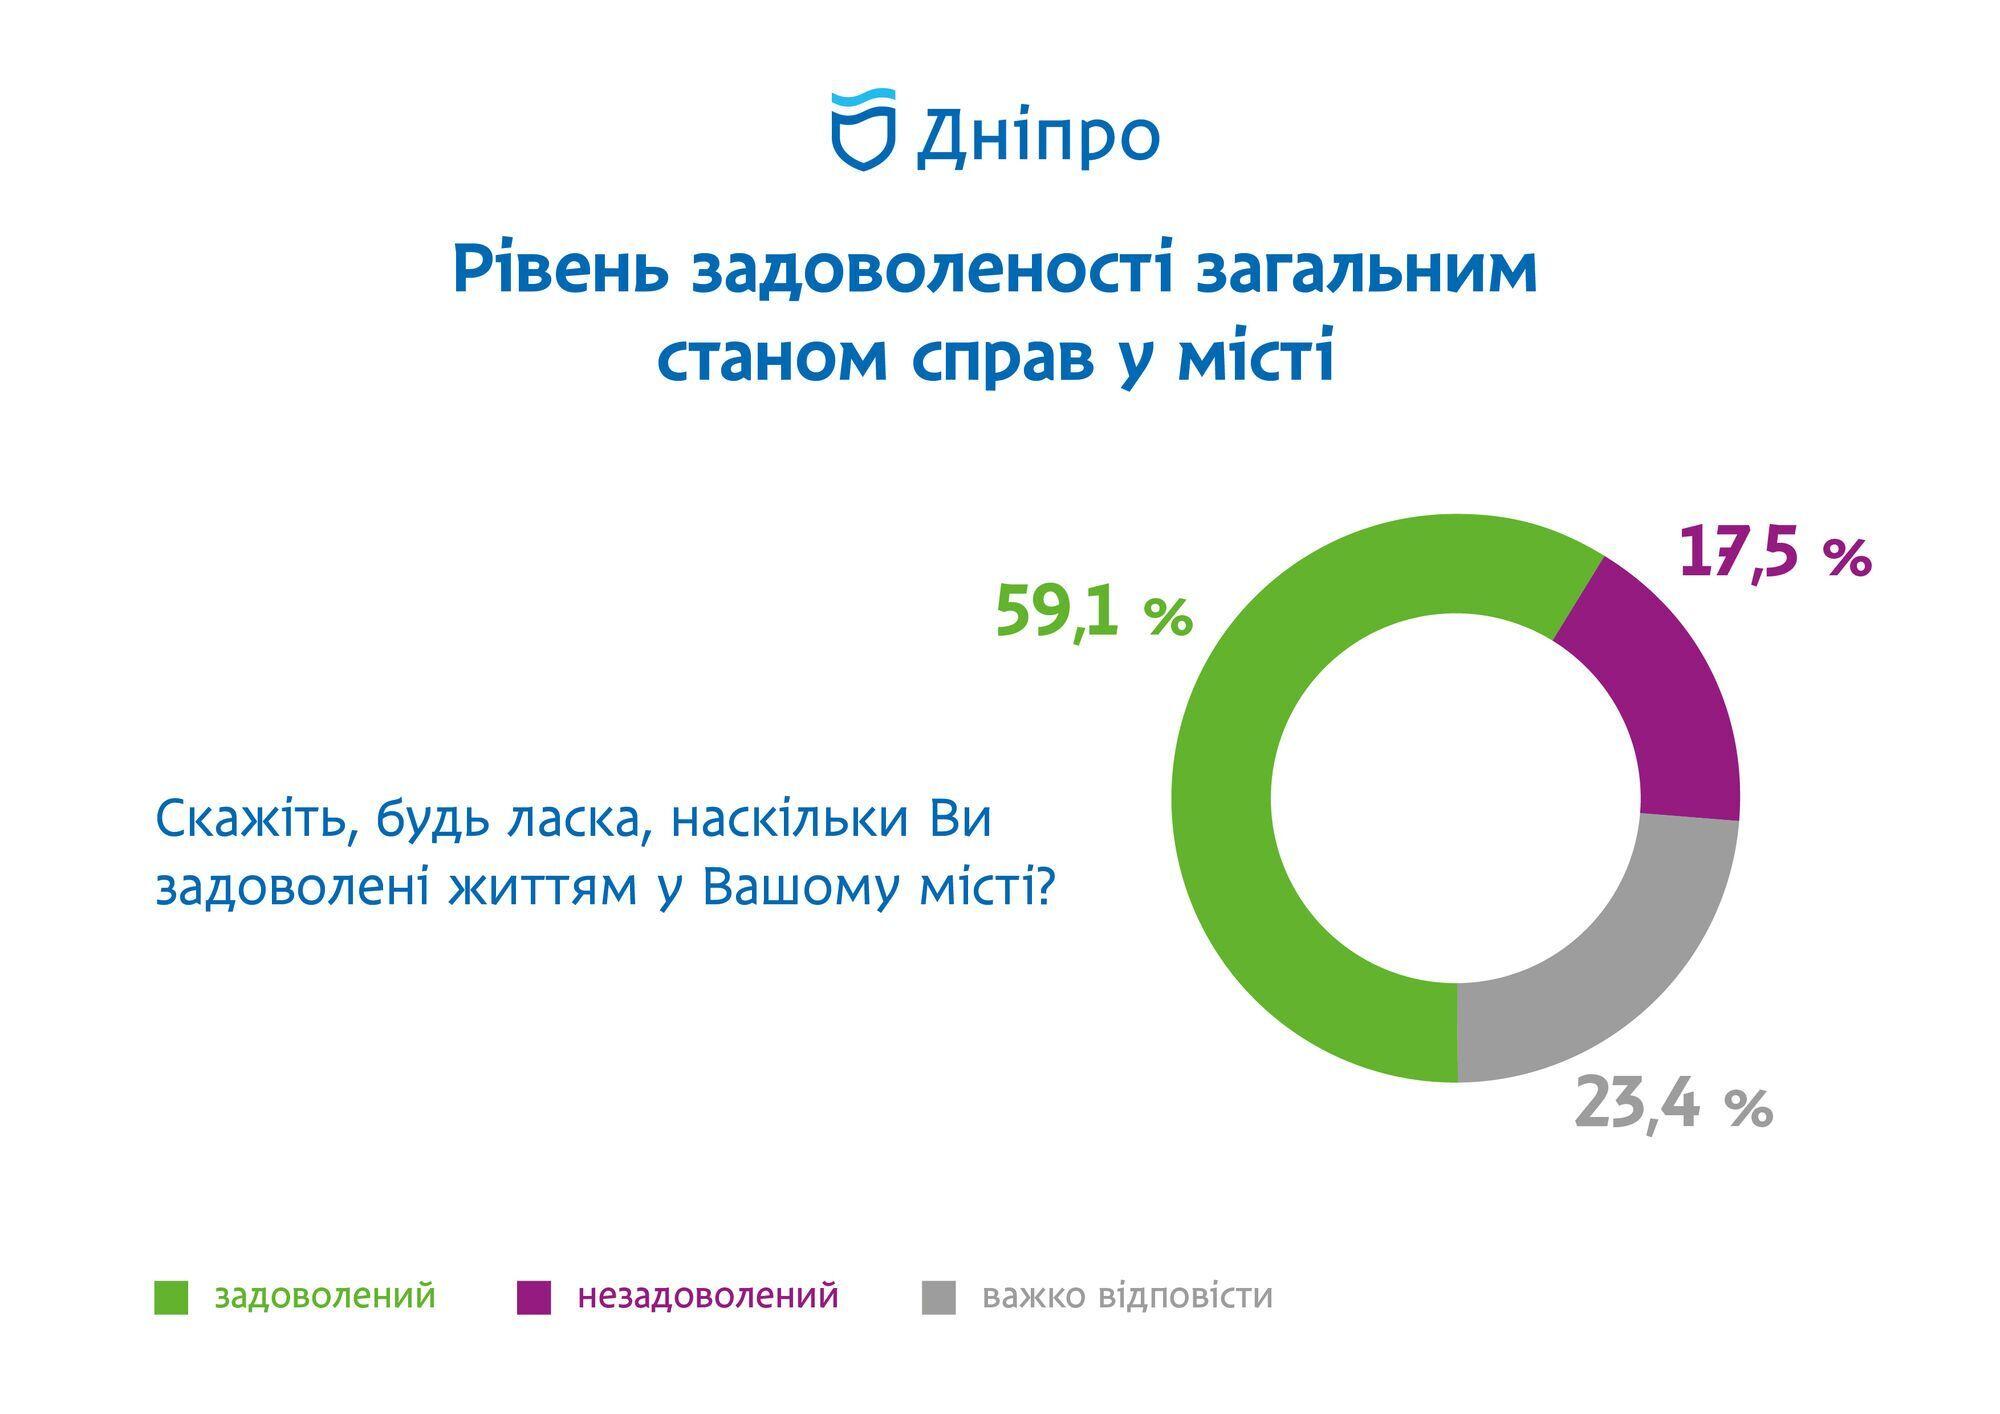 Более половины днепрян довольны жизнью в городе